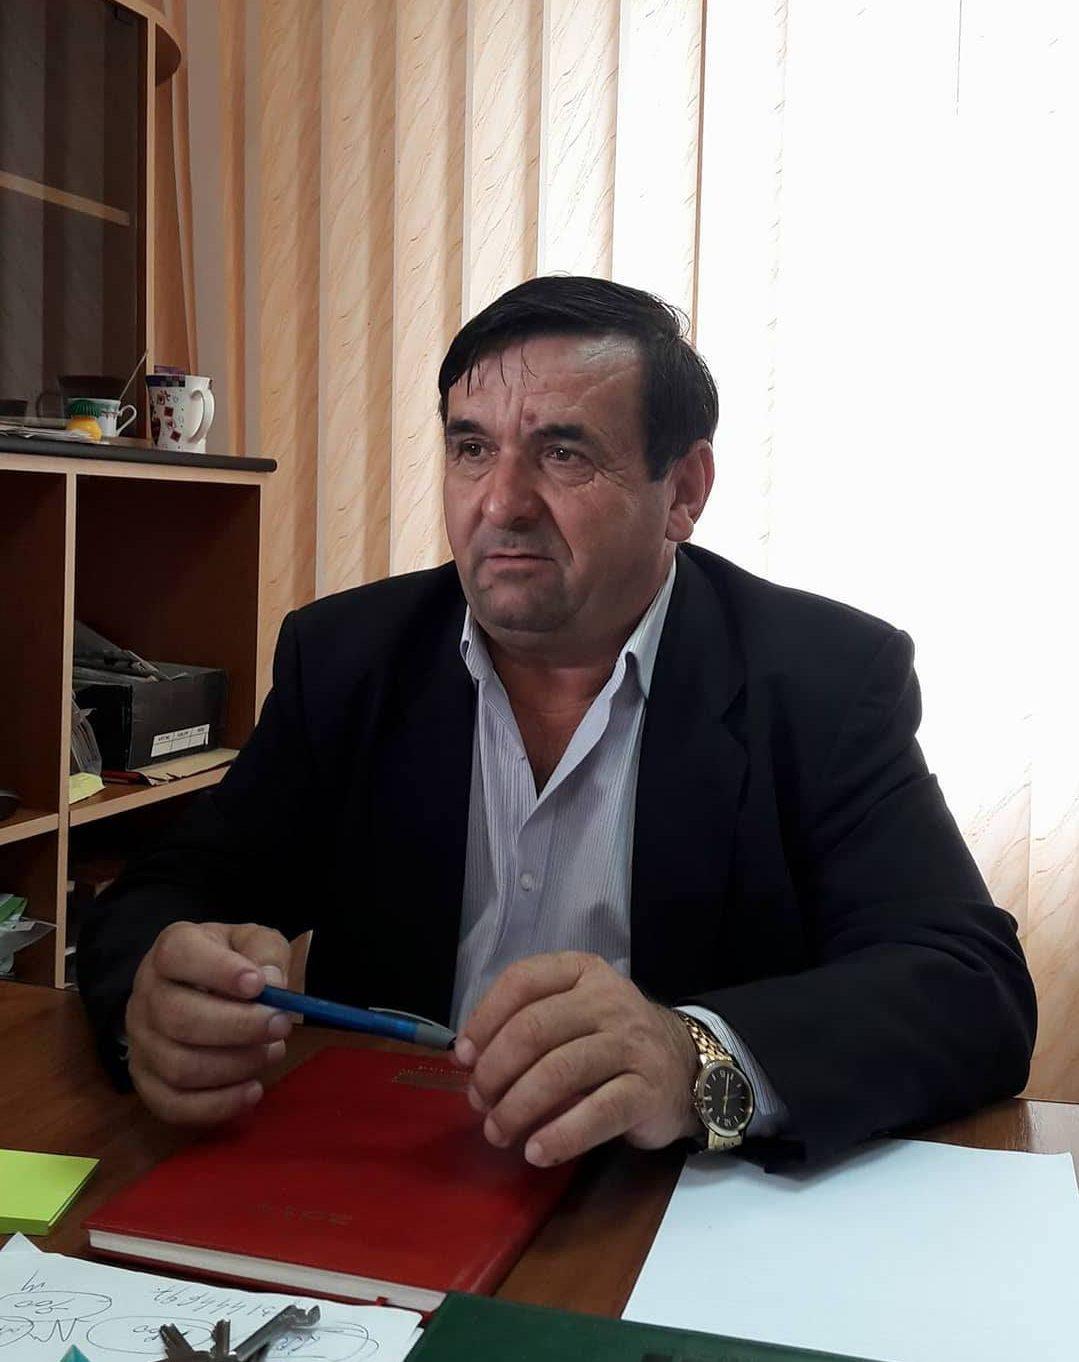 """Dumitru Blejan: """"Din anul 2000 ocup funcţia de primar şi mi-am propus încă de atunci să nu promit cetăţenilor nimic"""""""